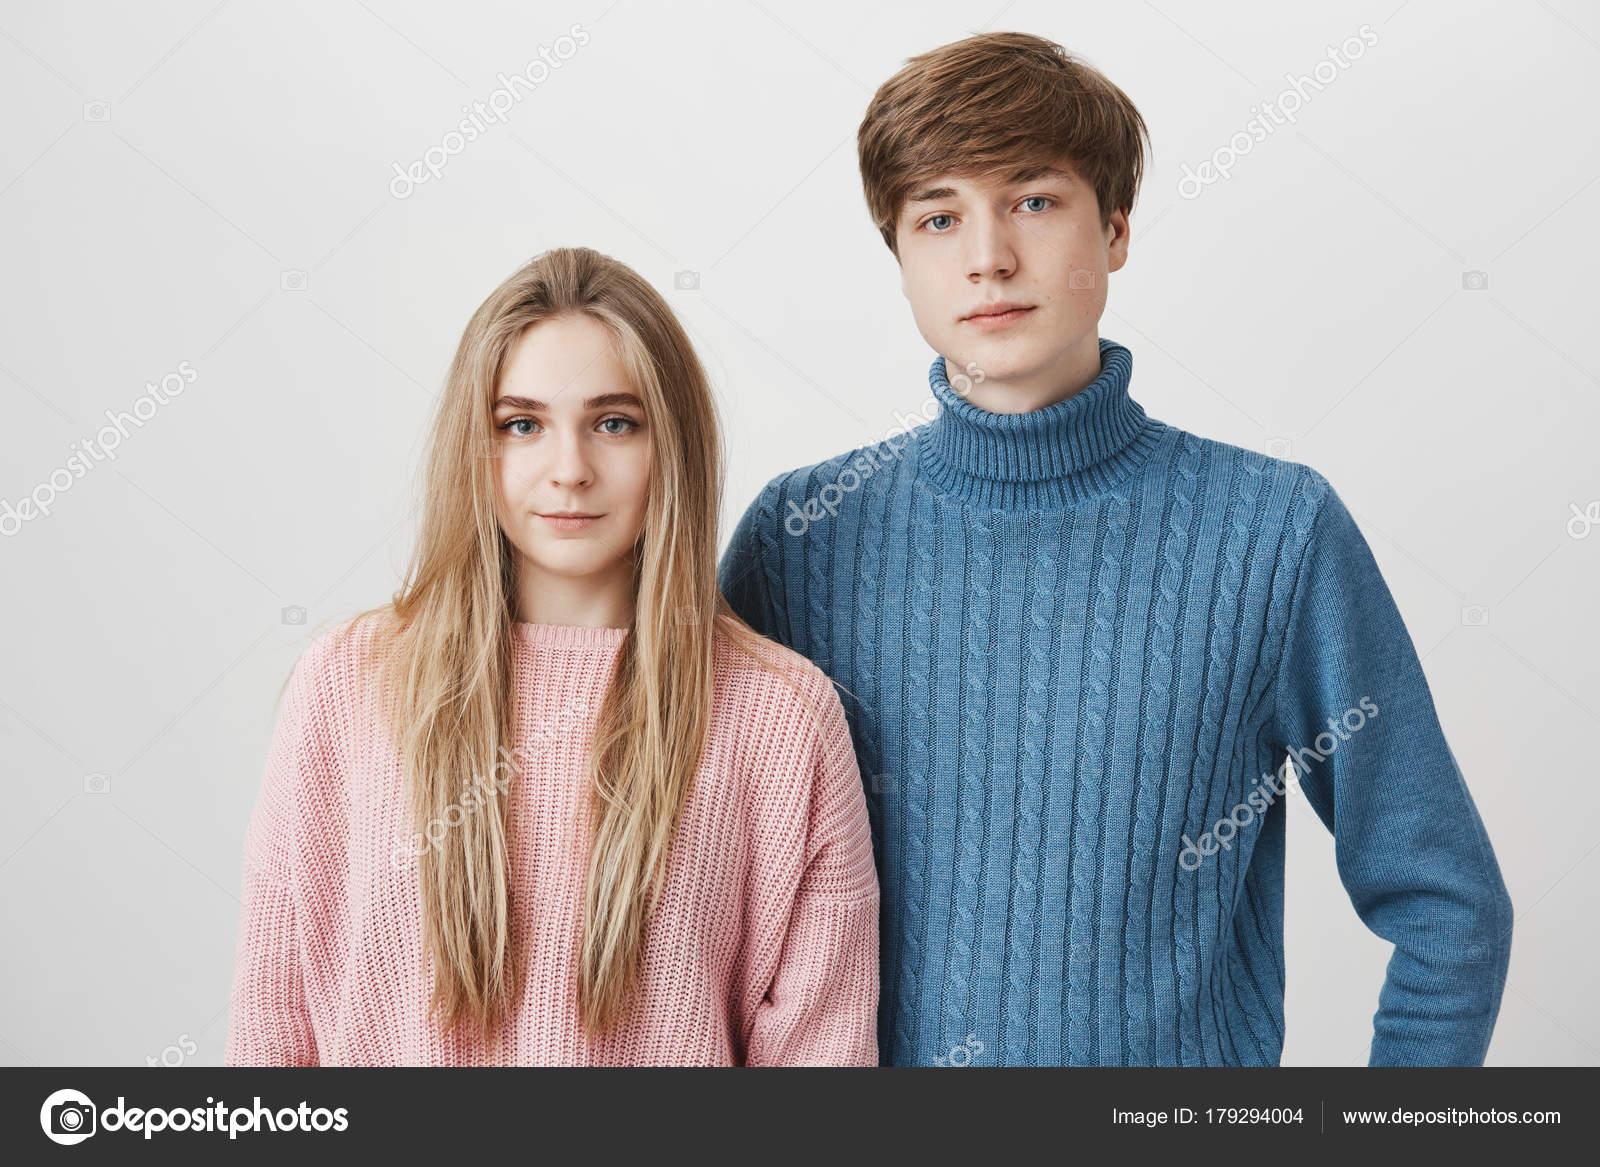 5b5c415a6 Retrato de família de jovens caucasiano em camisolas. Cabelos louro menino  e menina com olhos azuis ...